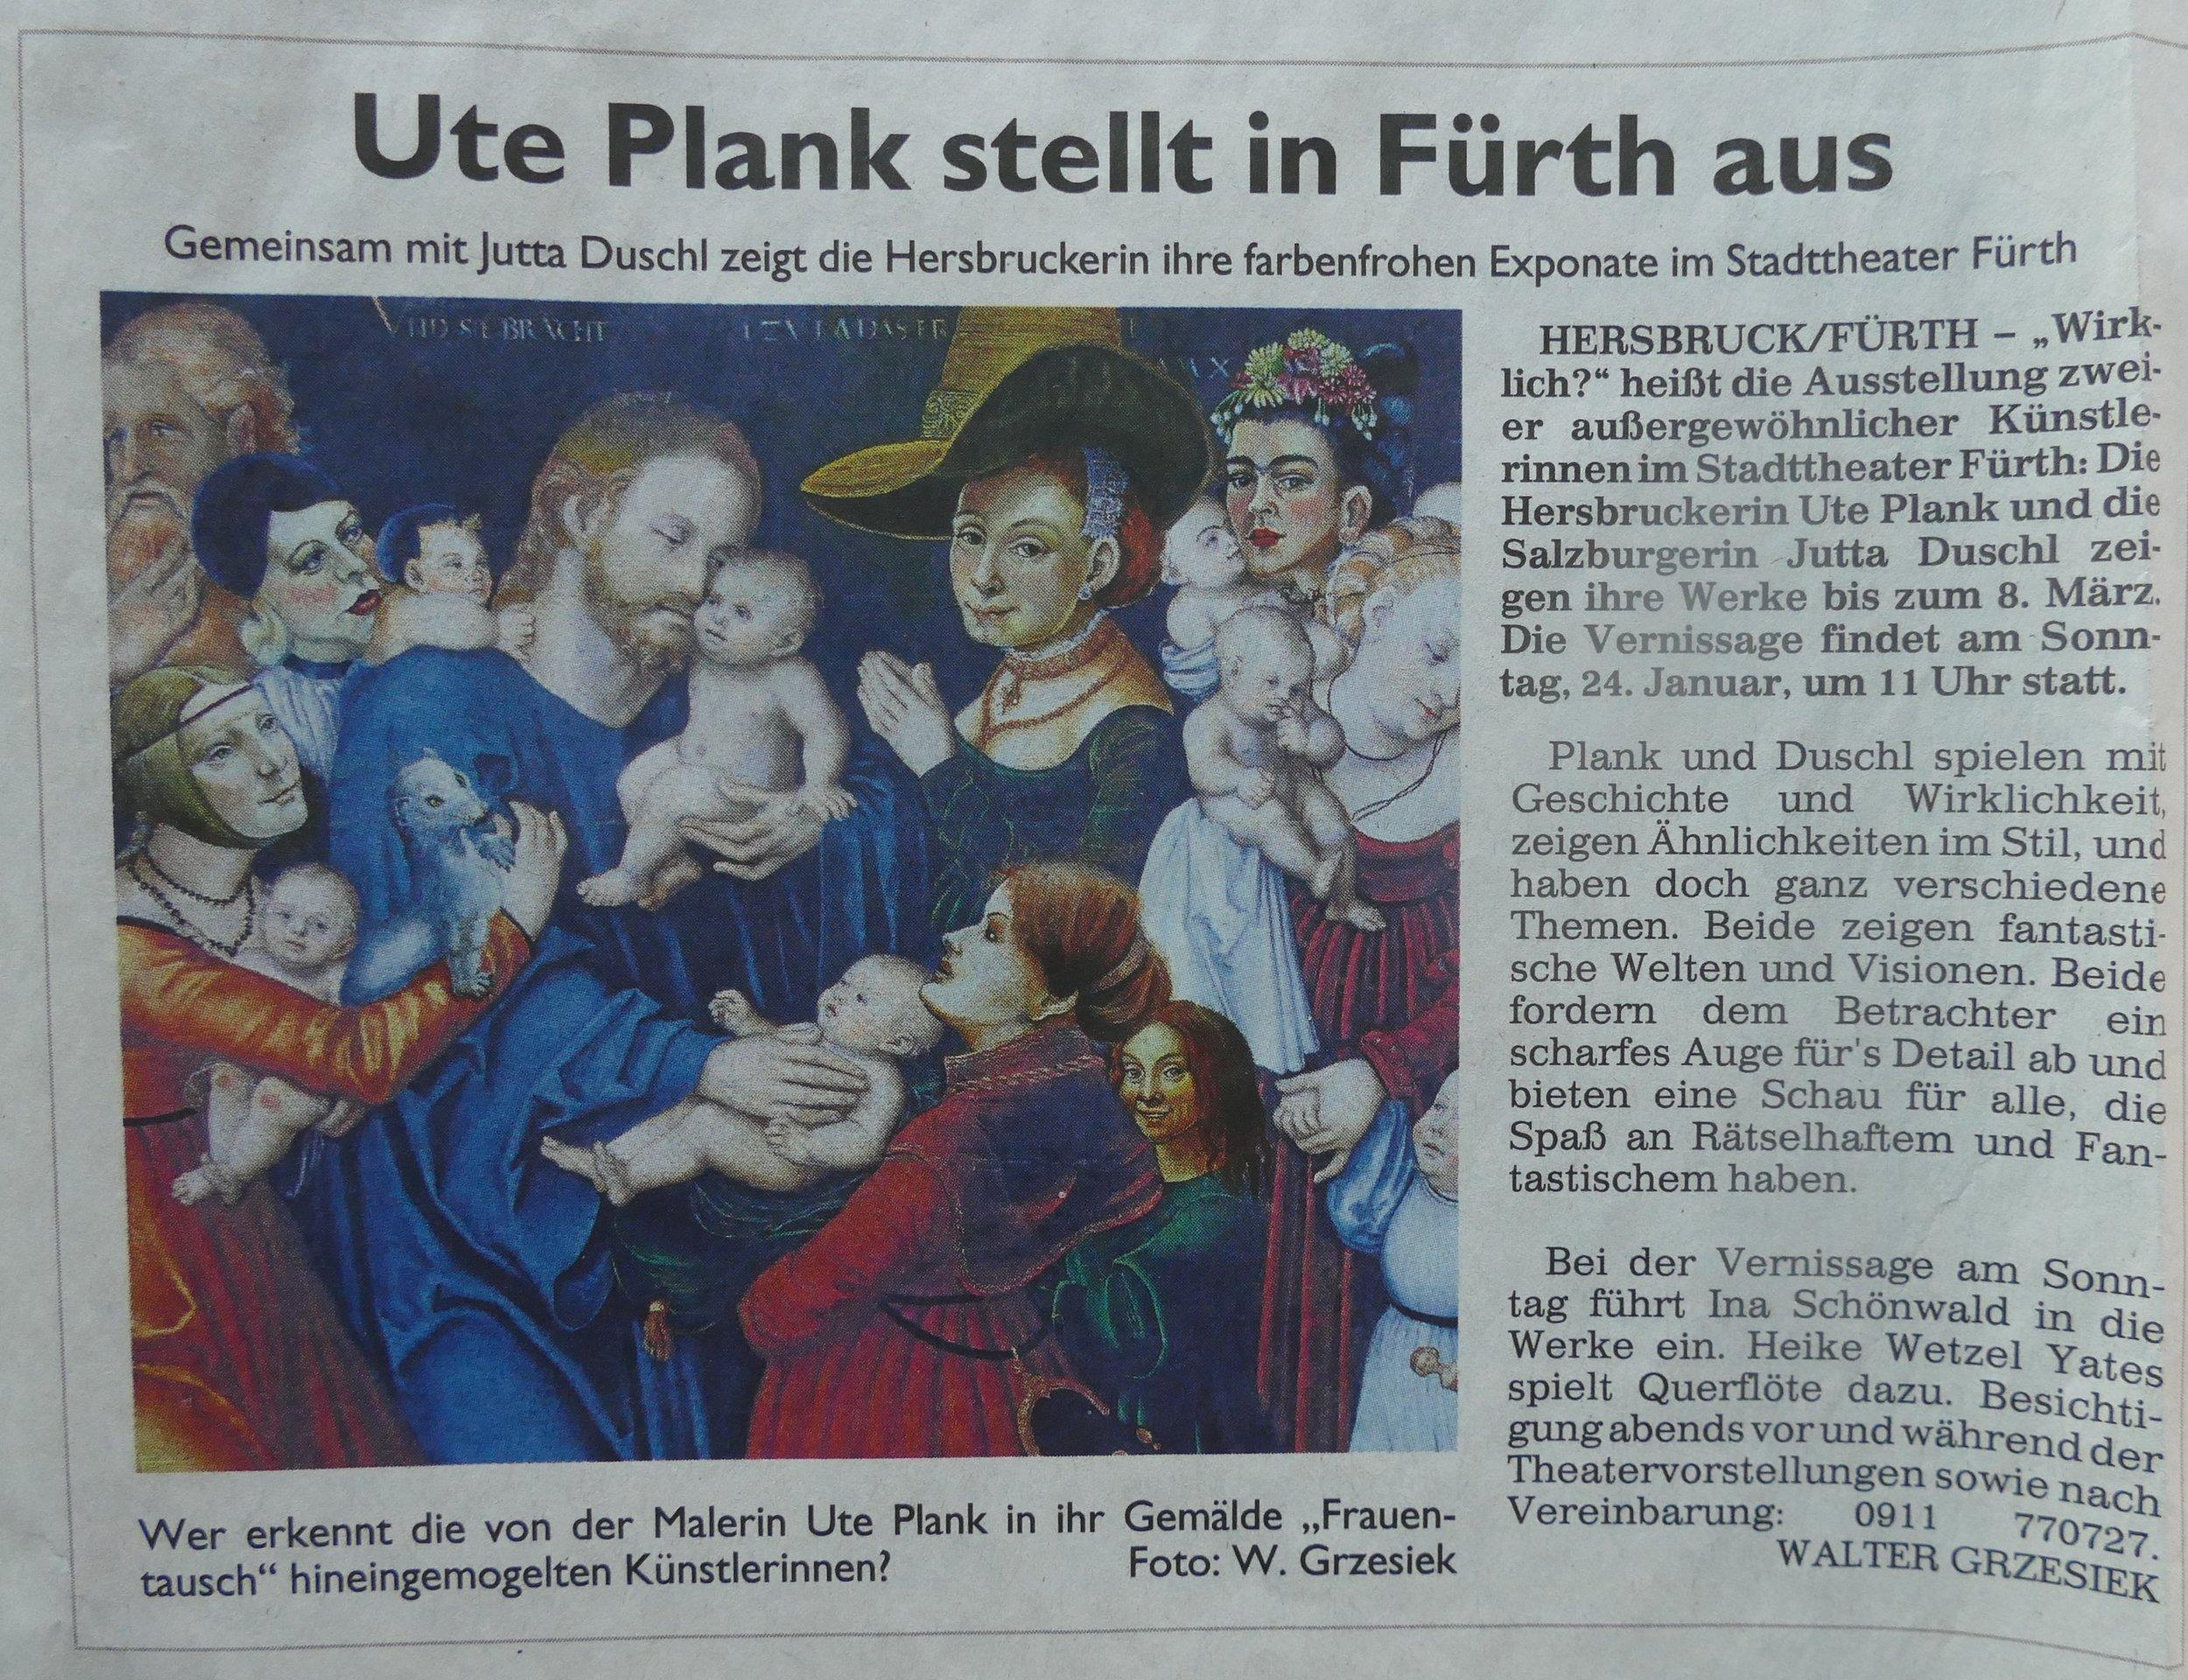 Ausstellen im Stadttheater Fürth- eine Ehre! Bericht: Walter Gresziek